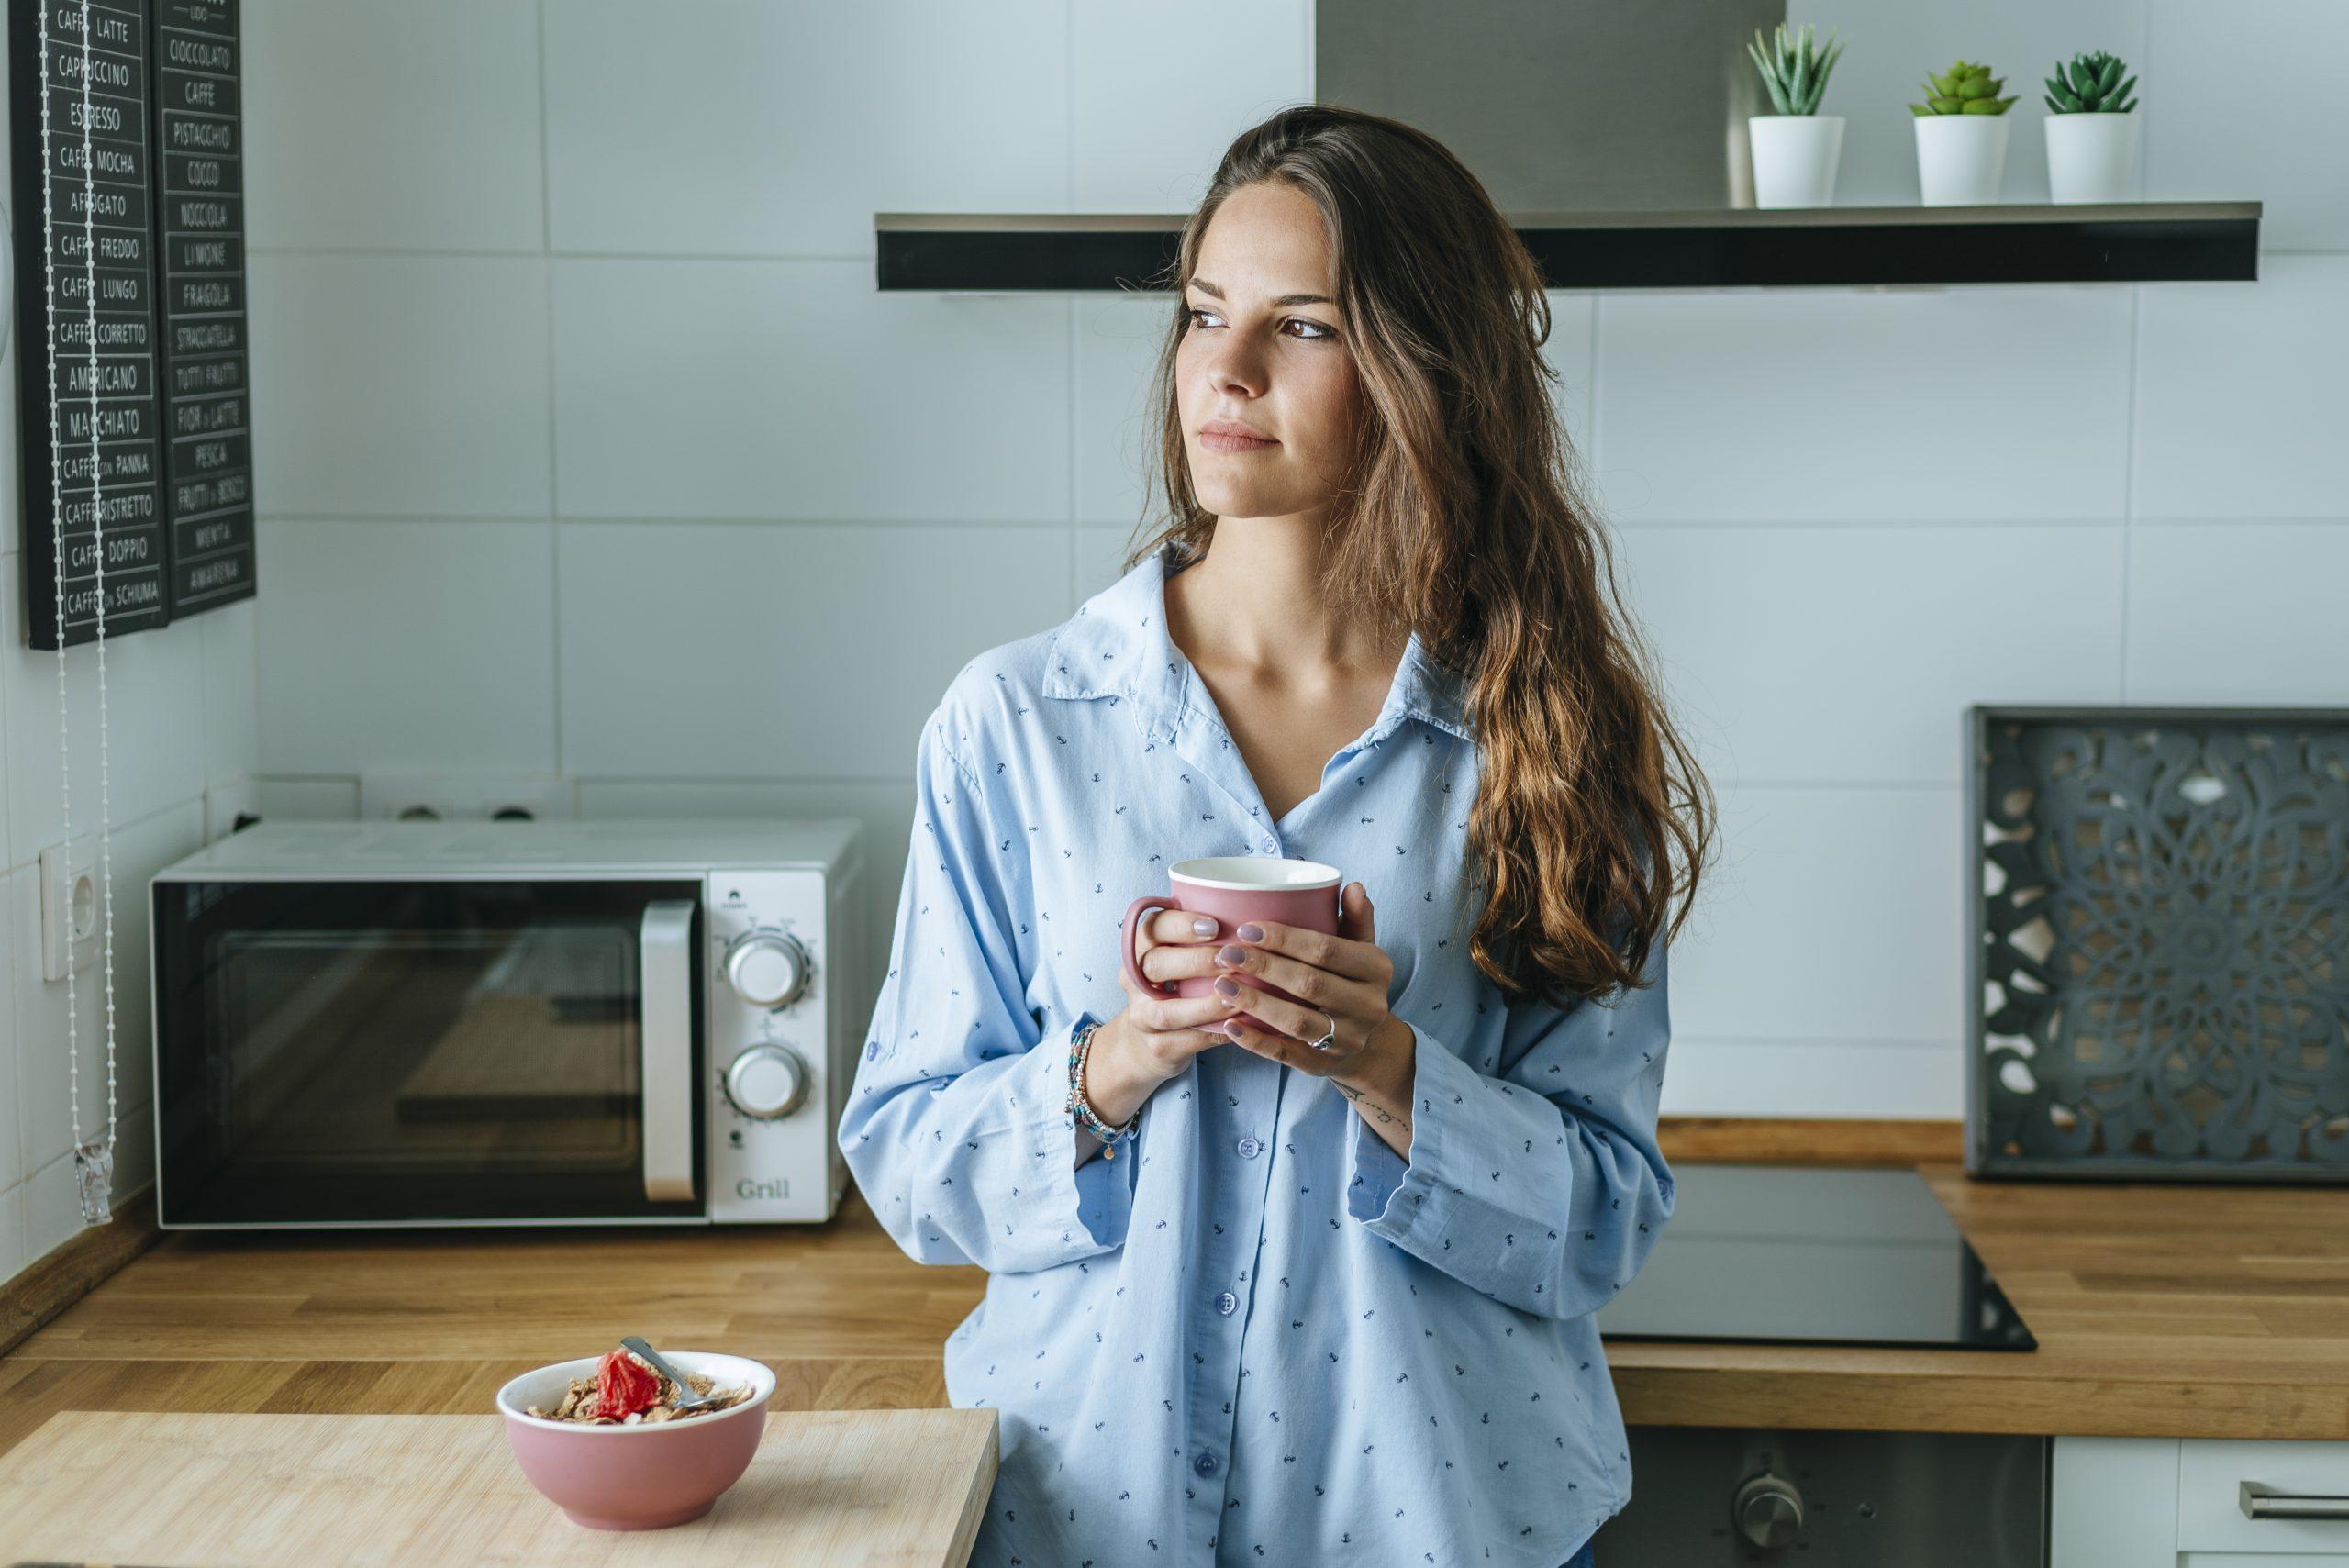 femme avec un café qui est un remède maison contre la constipation